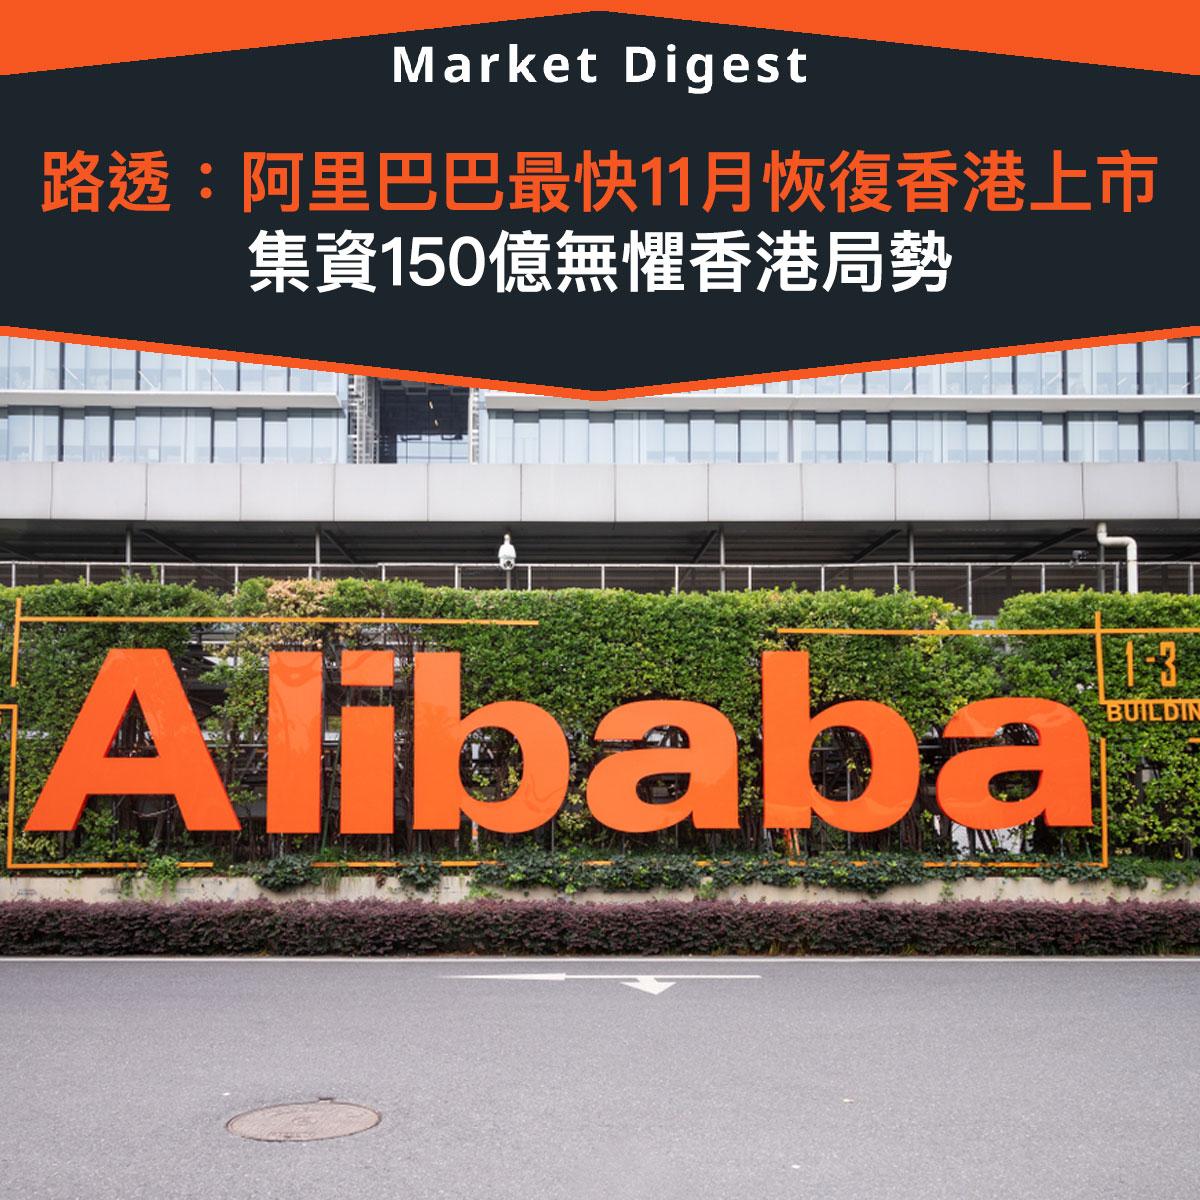 【市場熱話】路透:阿里巴巴最快11月恢復香港上市 無懼香港局勢集資150億